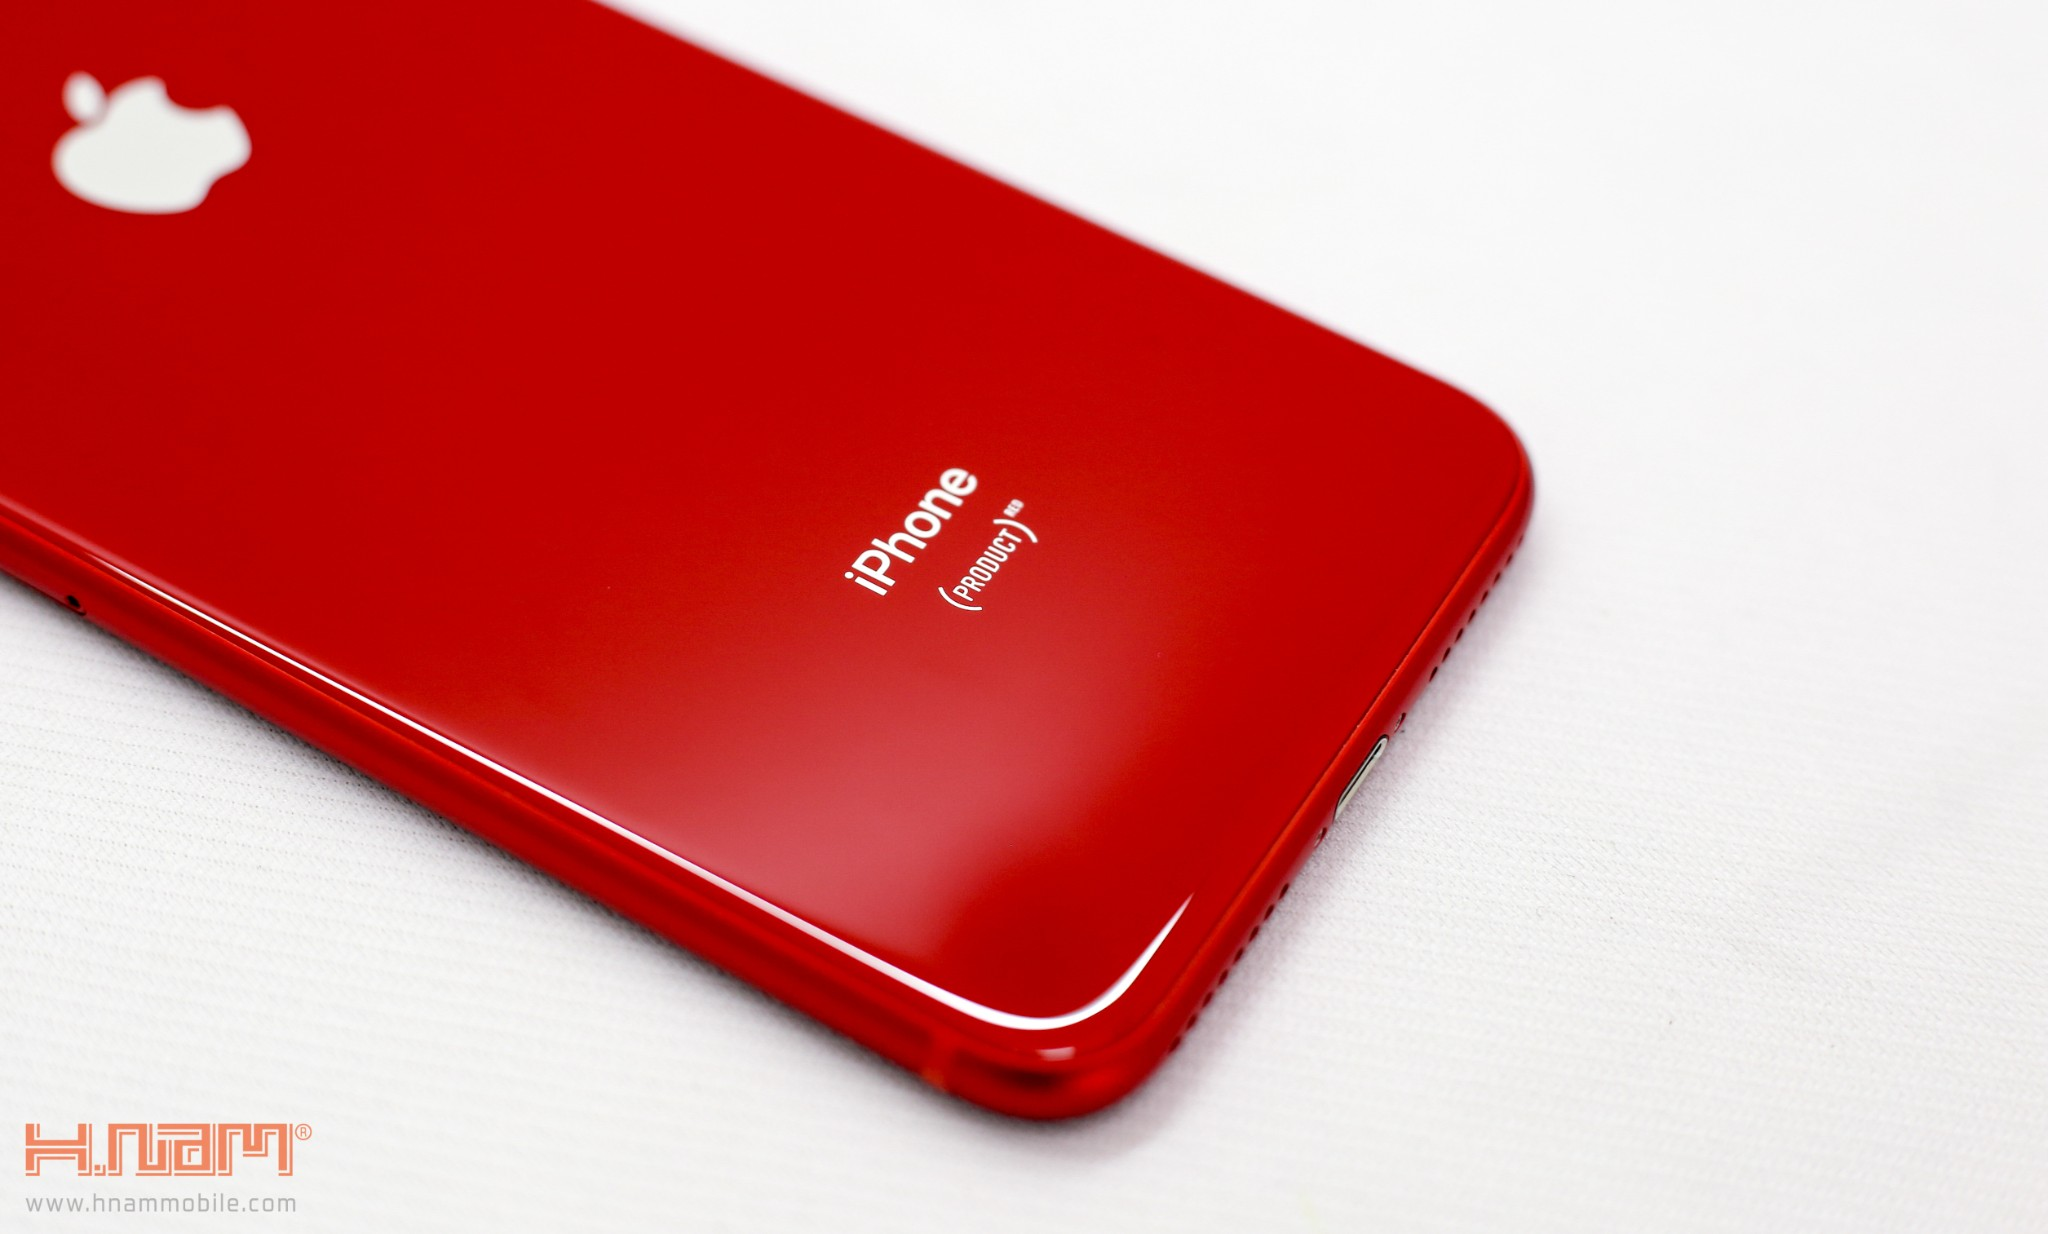 Đập hộp iPhone 8 Plus phiên bản Product Red: Nhìn là chỉ muốn sở hữu ngay! hình 14